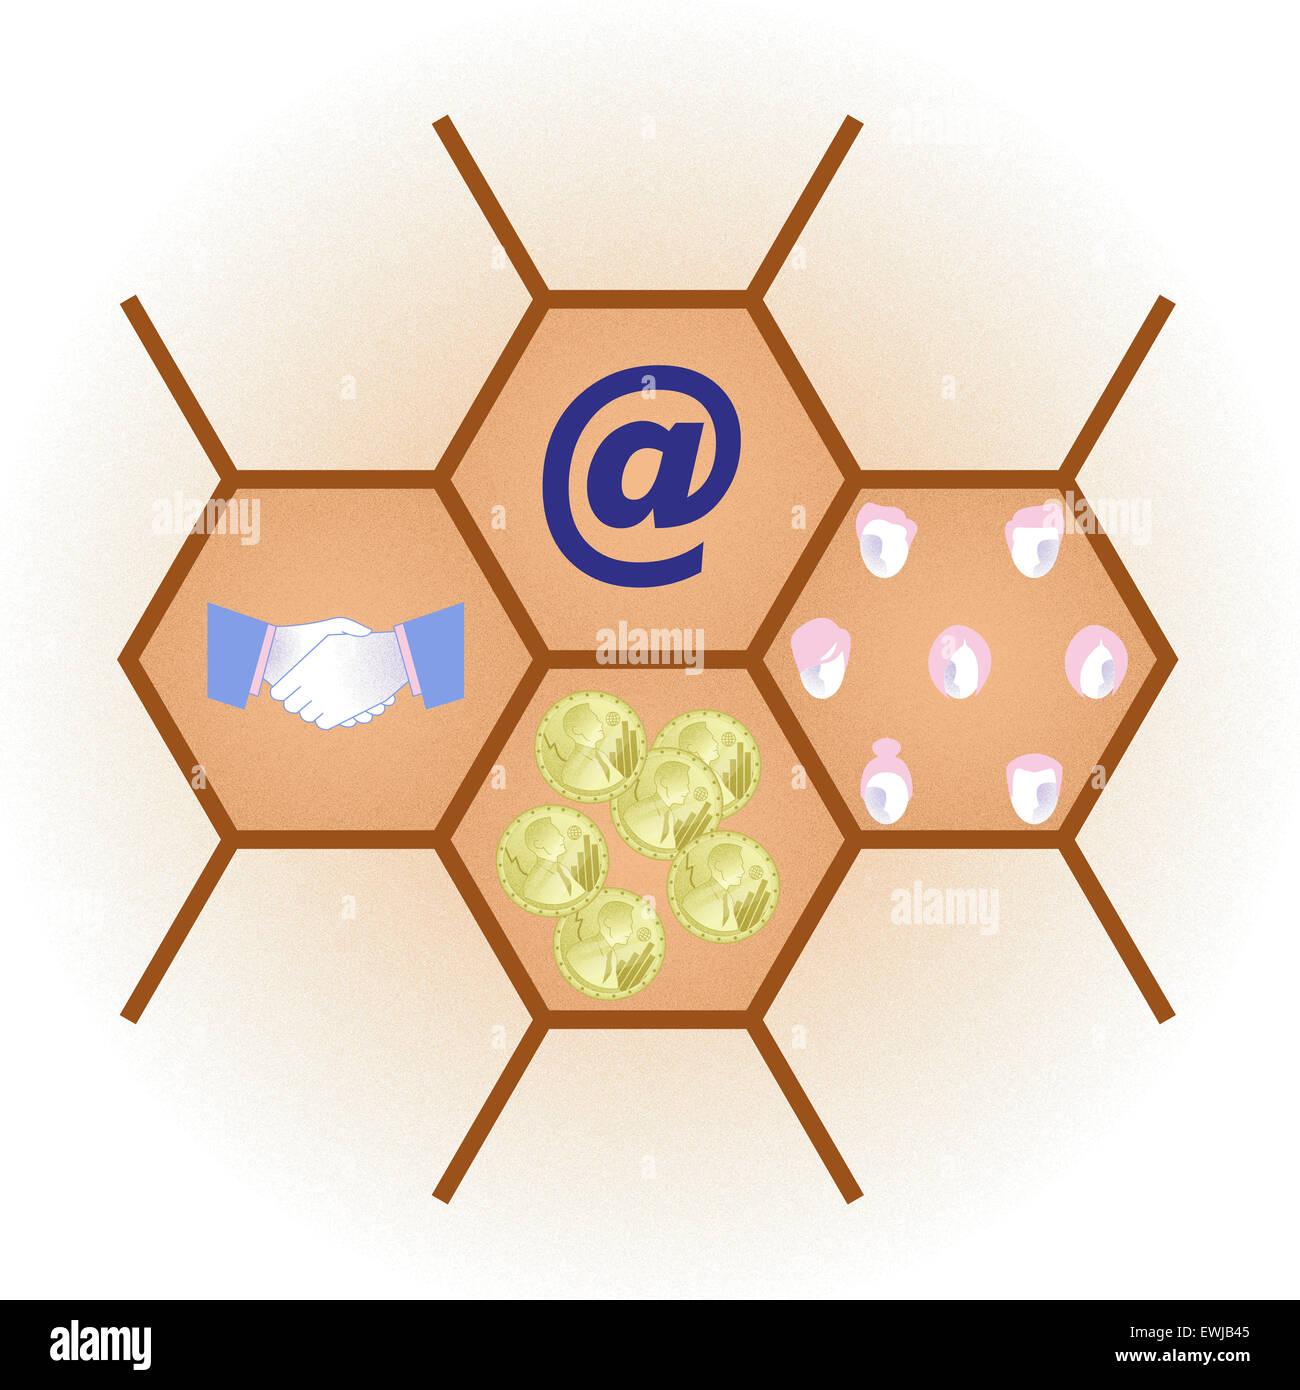 Imagen conceptual que representa los conceptos de la fusión de dos empresas y el crecimiento de los negocios Imagen De Stock